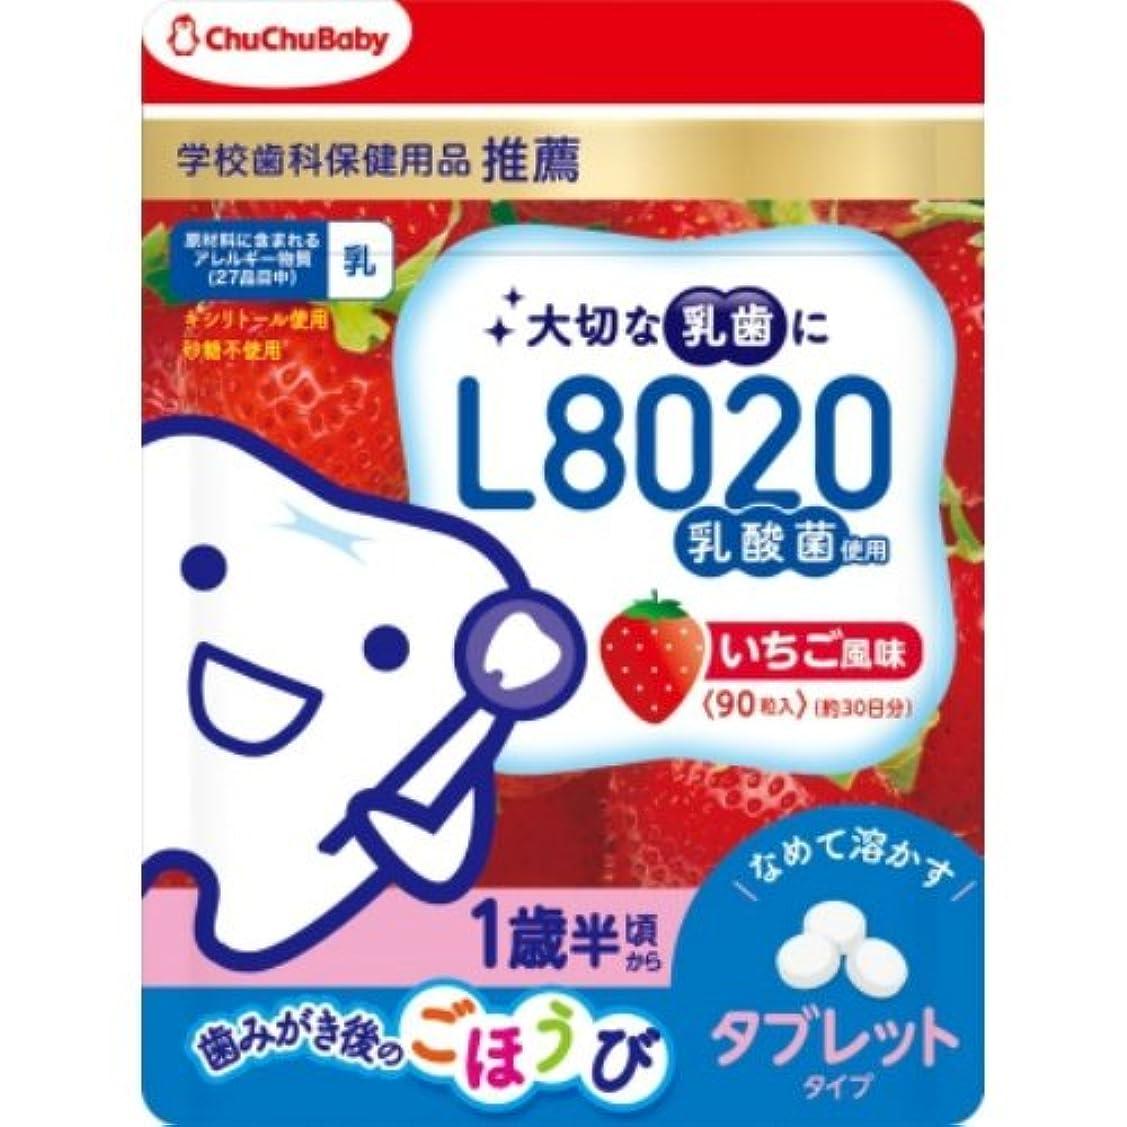 コック走る以降L8020乳酸菌チュチュベビータブレットいちご風味 × 5個セット